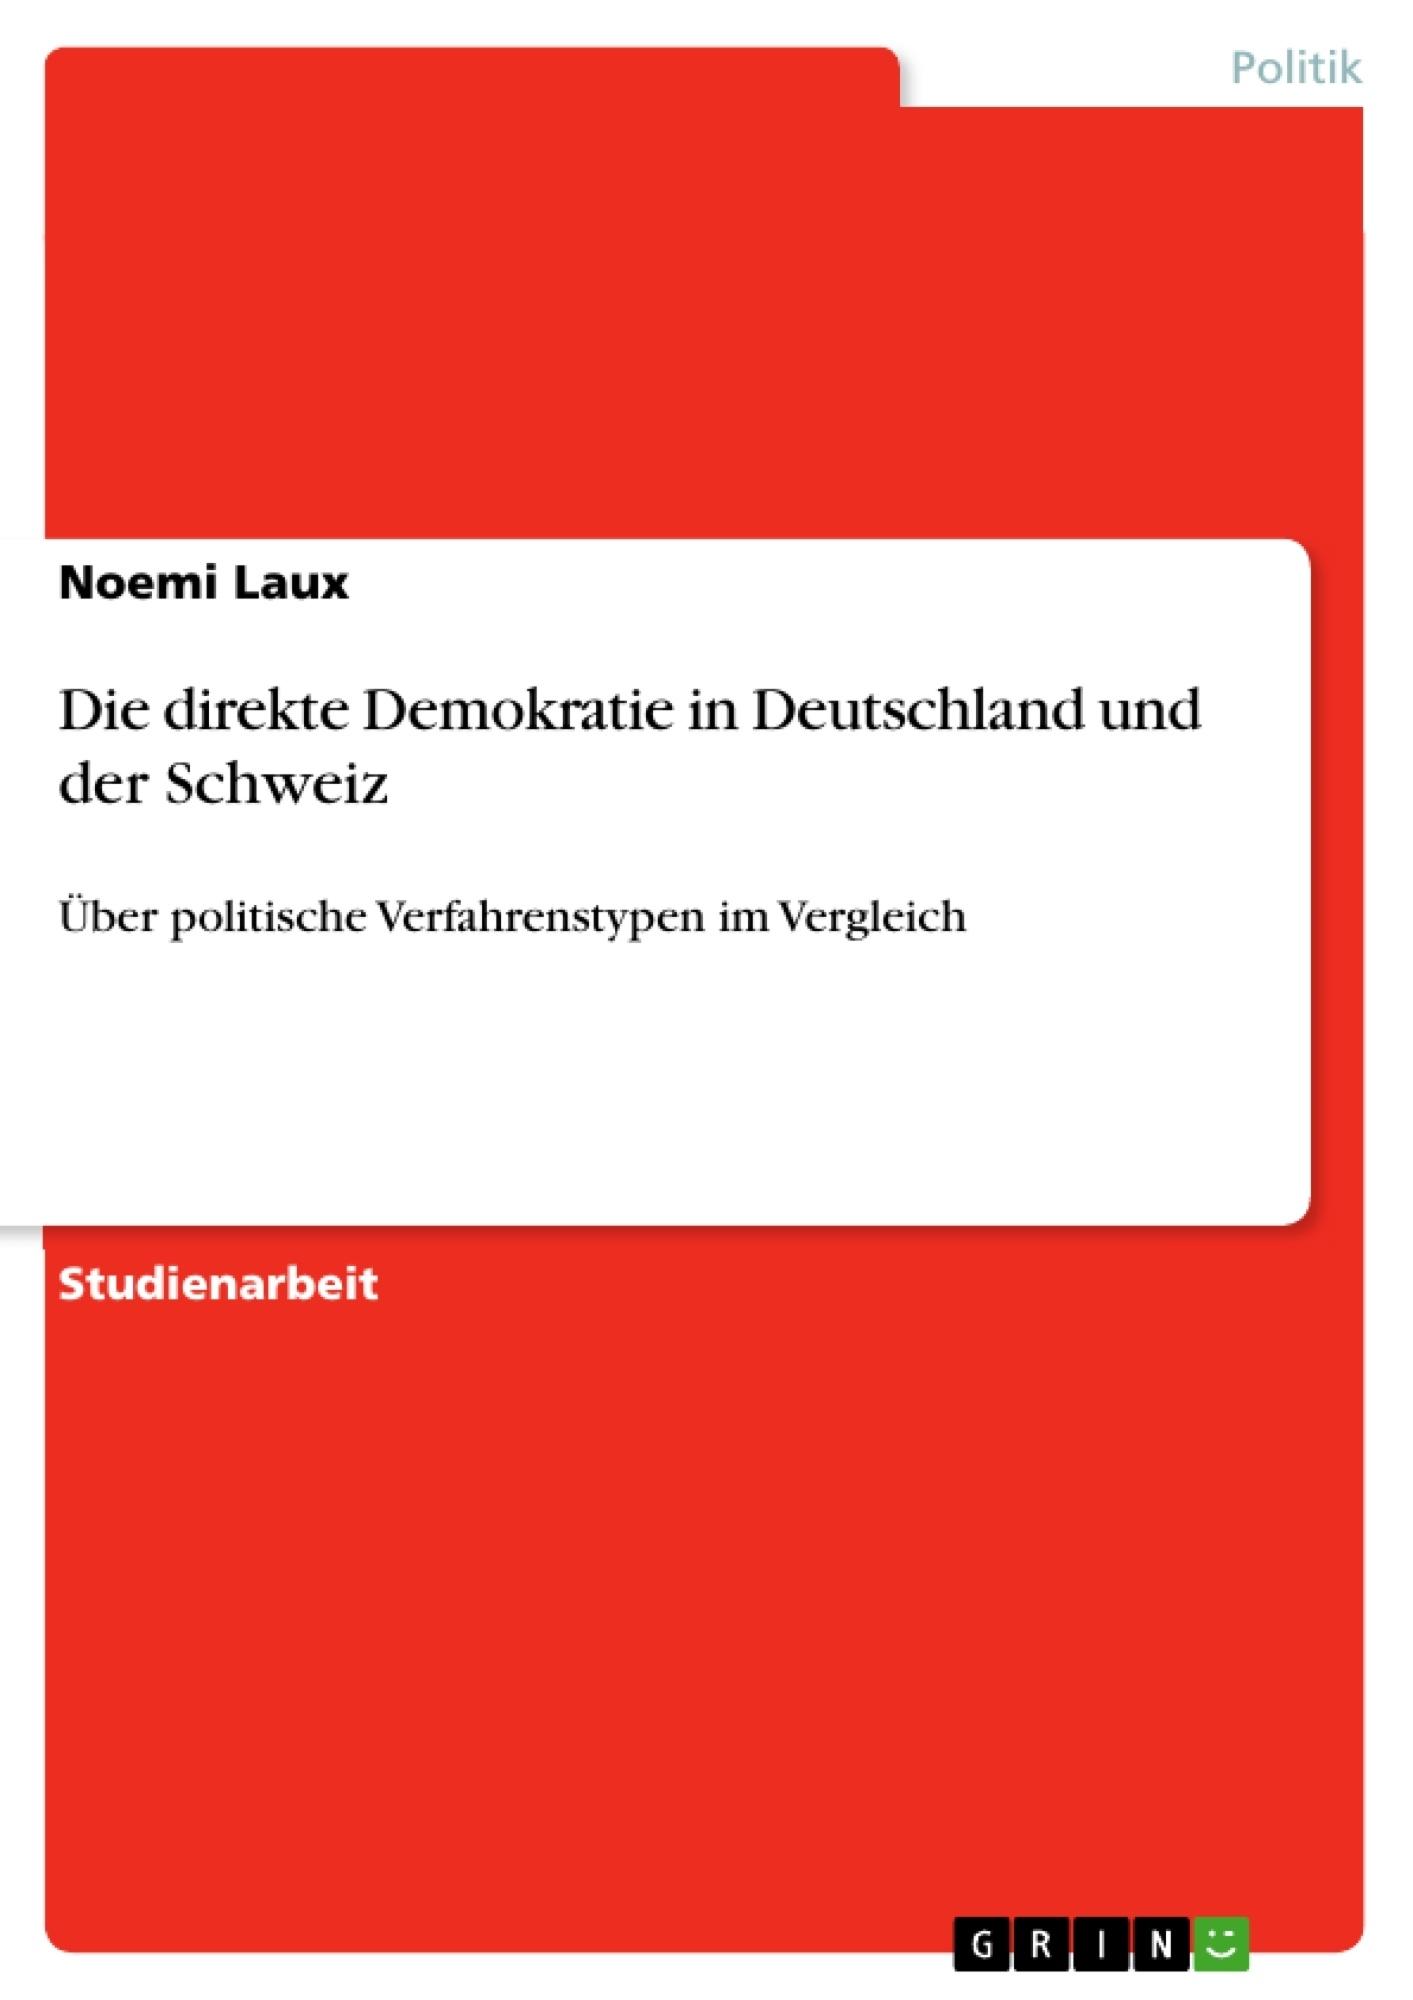 Titel: Die direkte Demokratie in Deutschland und der Schweiz